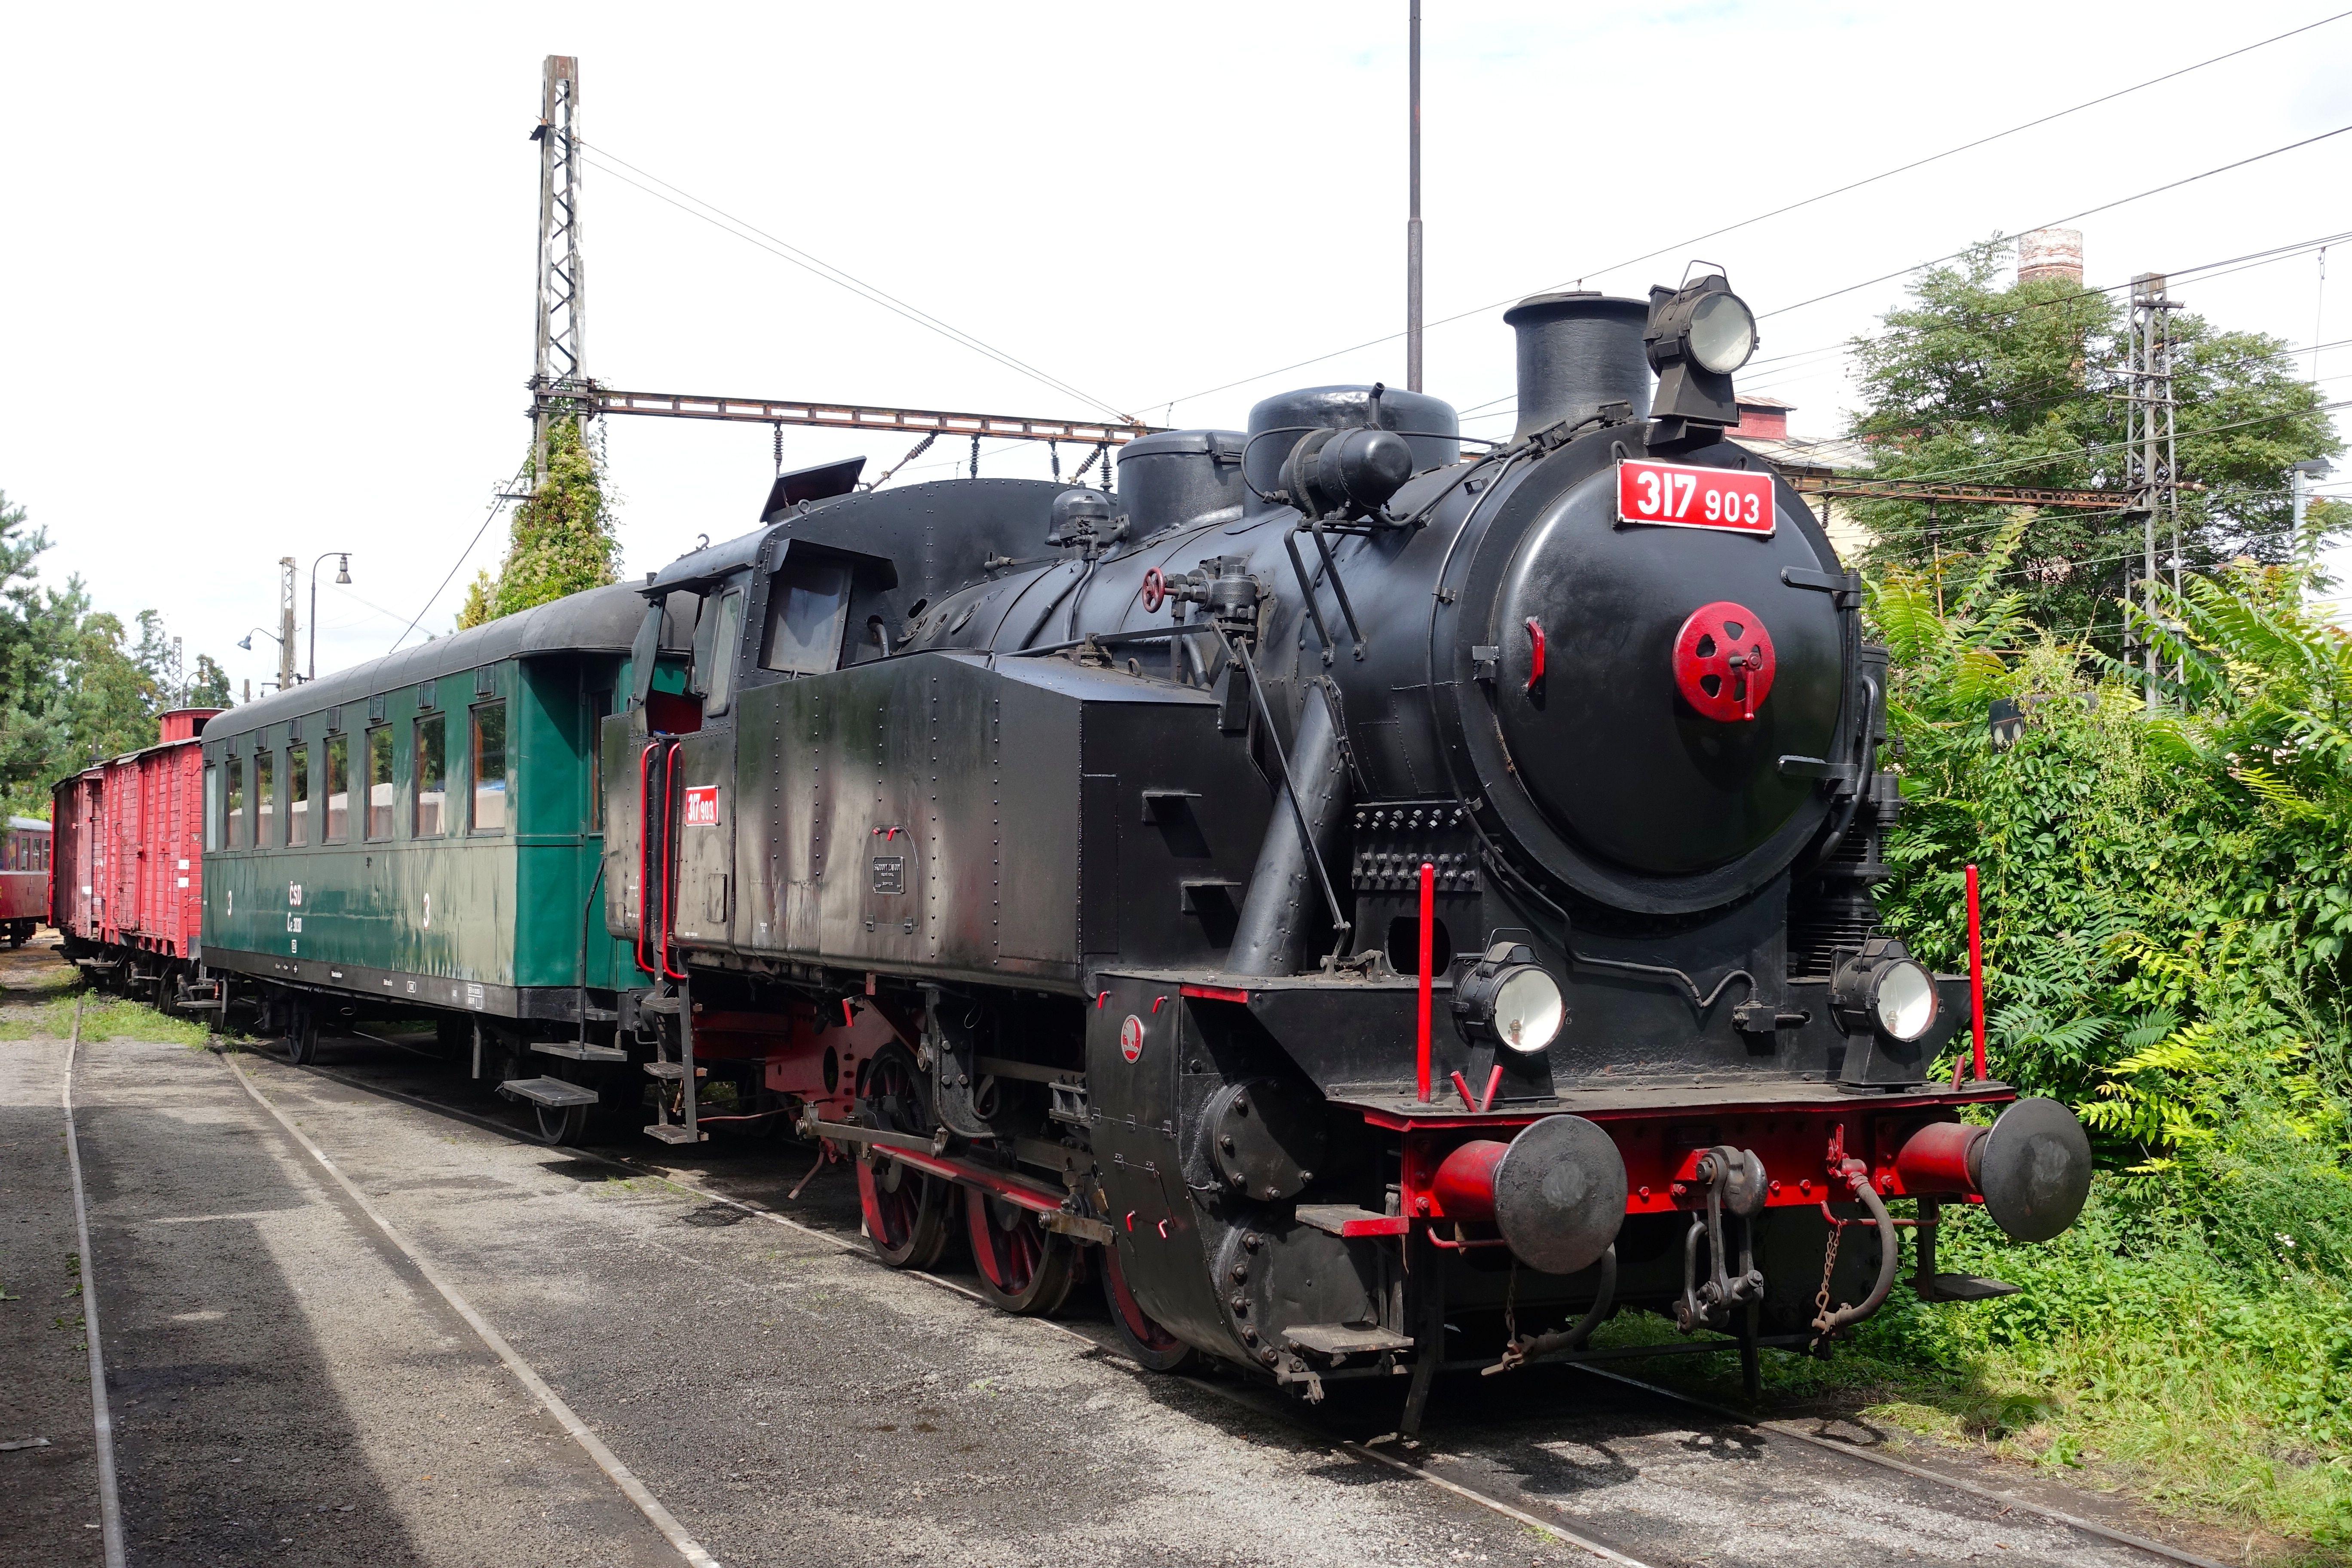 prazsky-zeleznicni-den-nabidne-nejen-jizdy-historickymi-dopravnimi-prostredky